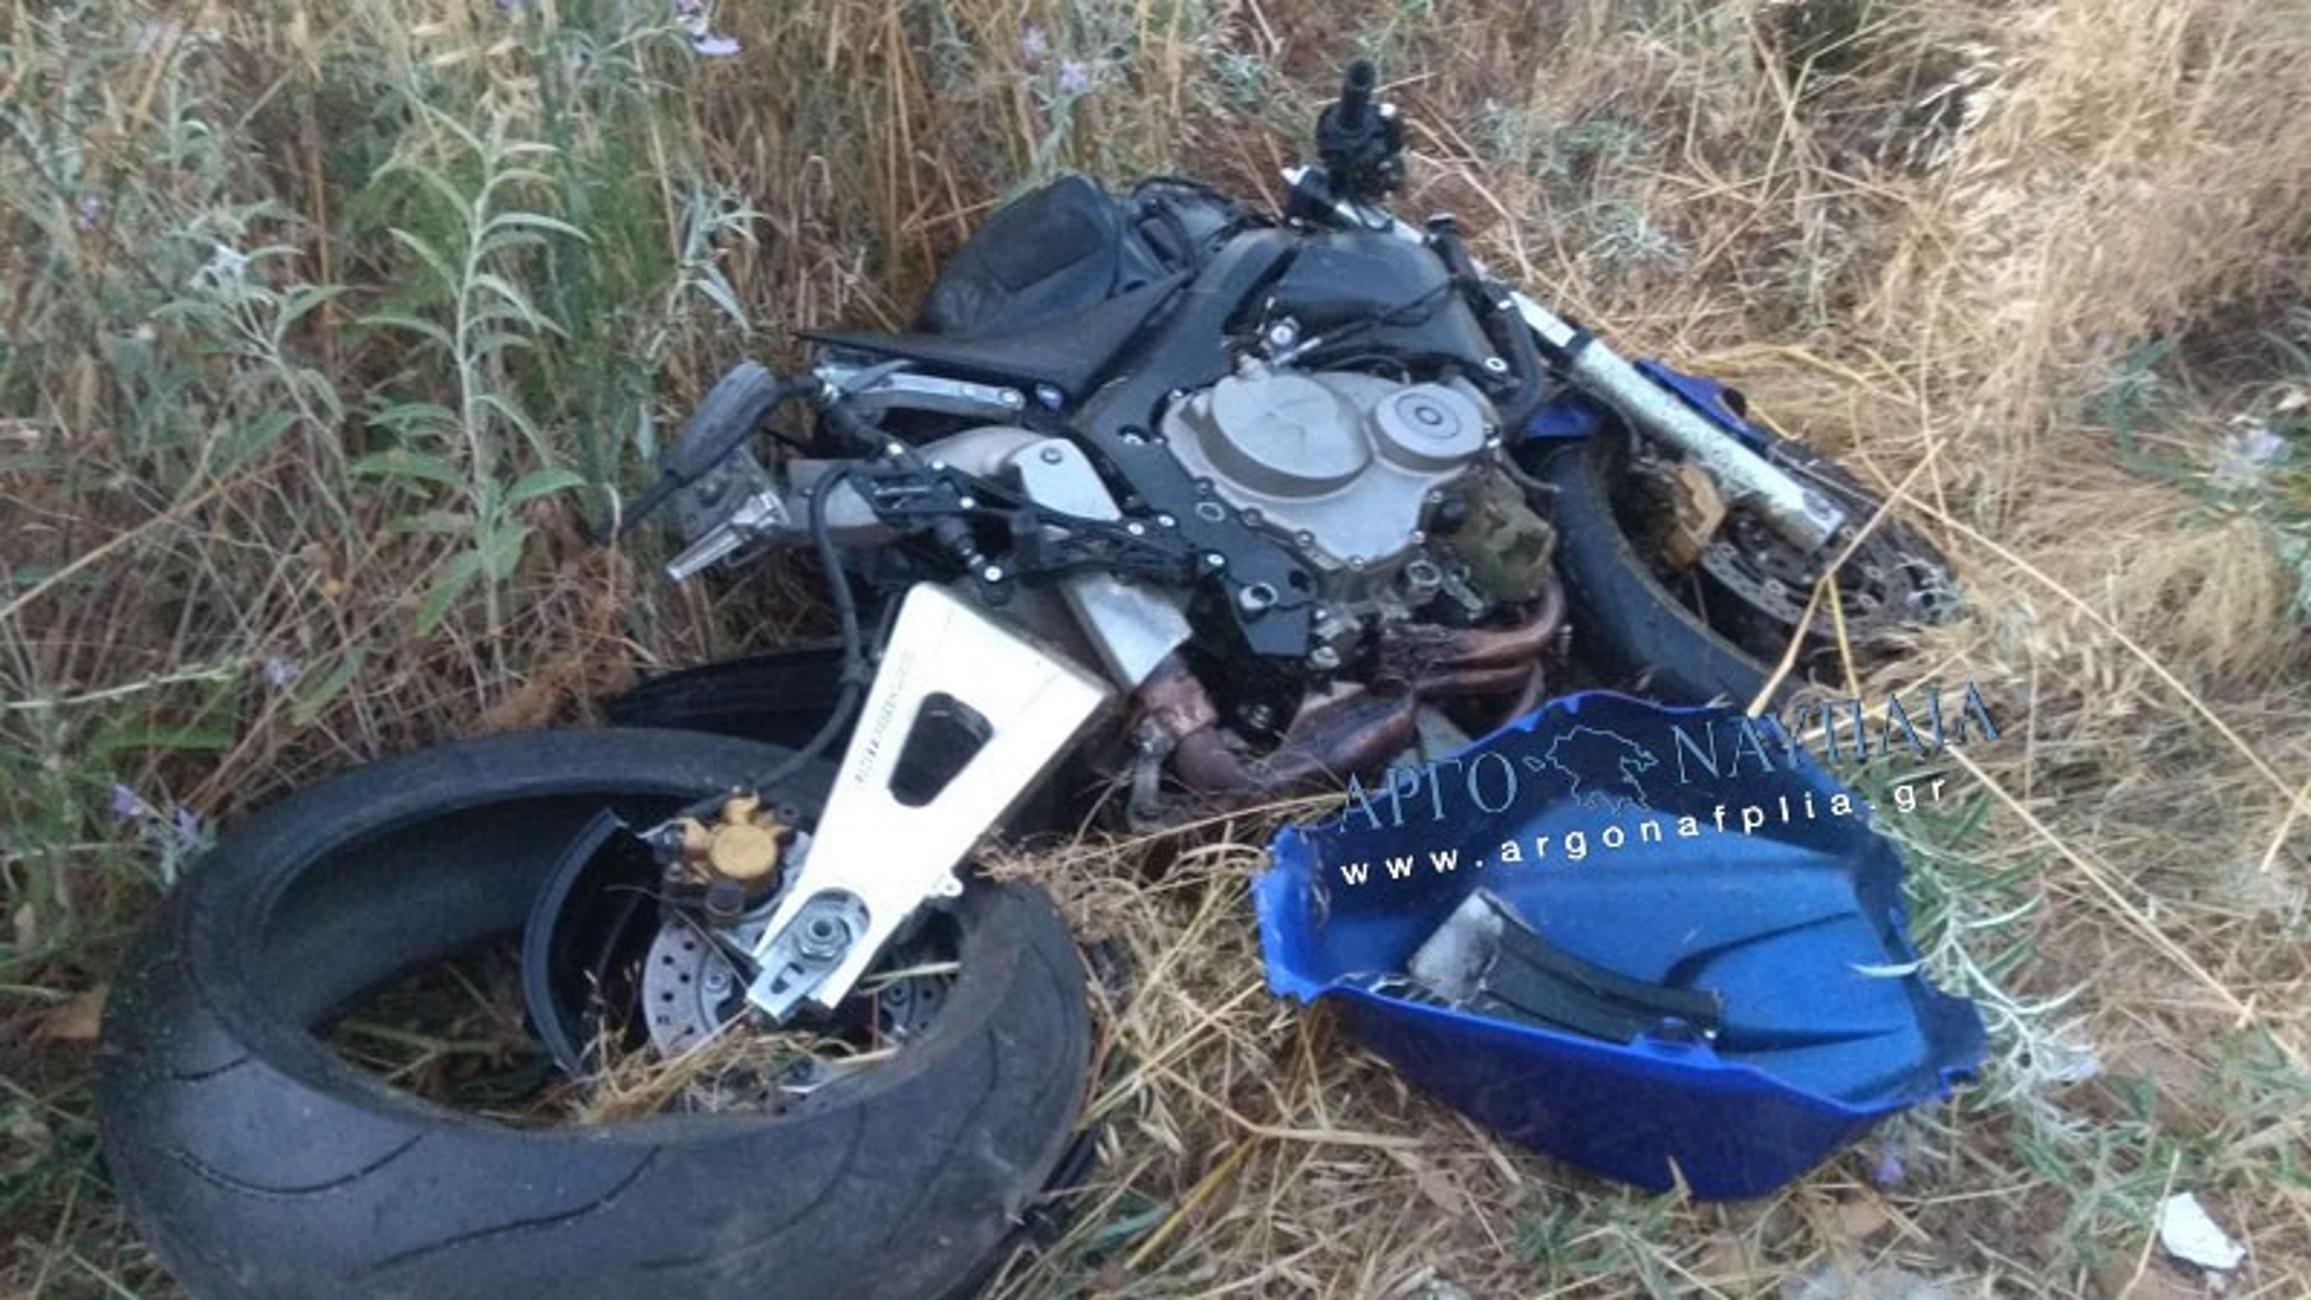 Αργολίδα: Εκσφενδονίστηκε ο οδηγός και εξαφανίστηκε στις καλαμιές η μηχανή του – Σοβαρό τροχαίο στη Νέα Κίο – video